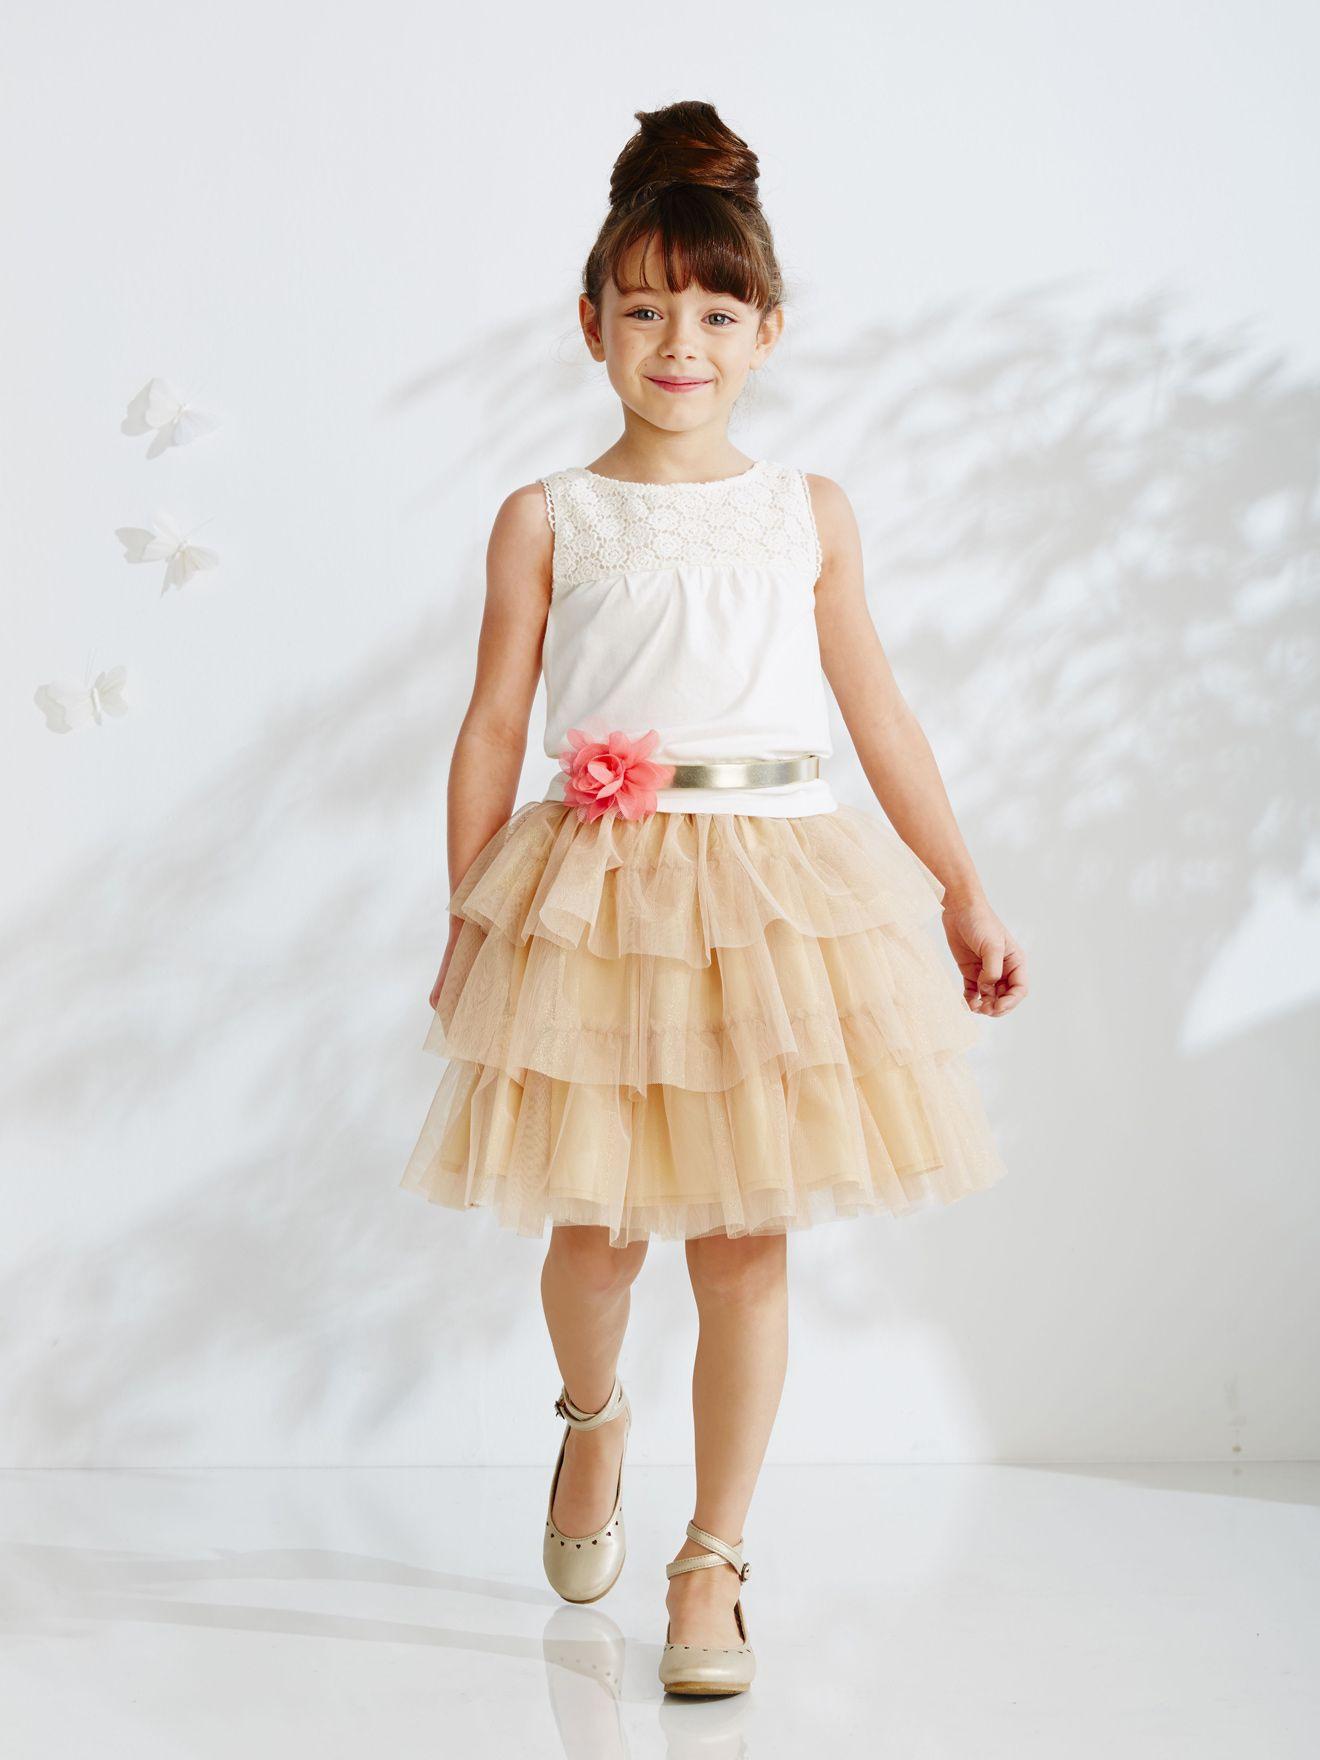 Festliche Kleidung Für Kinder Bei Hochzeiten Wunsch